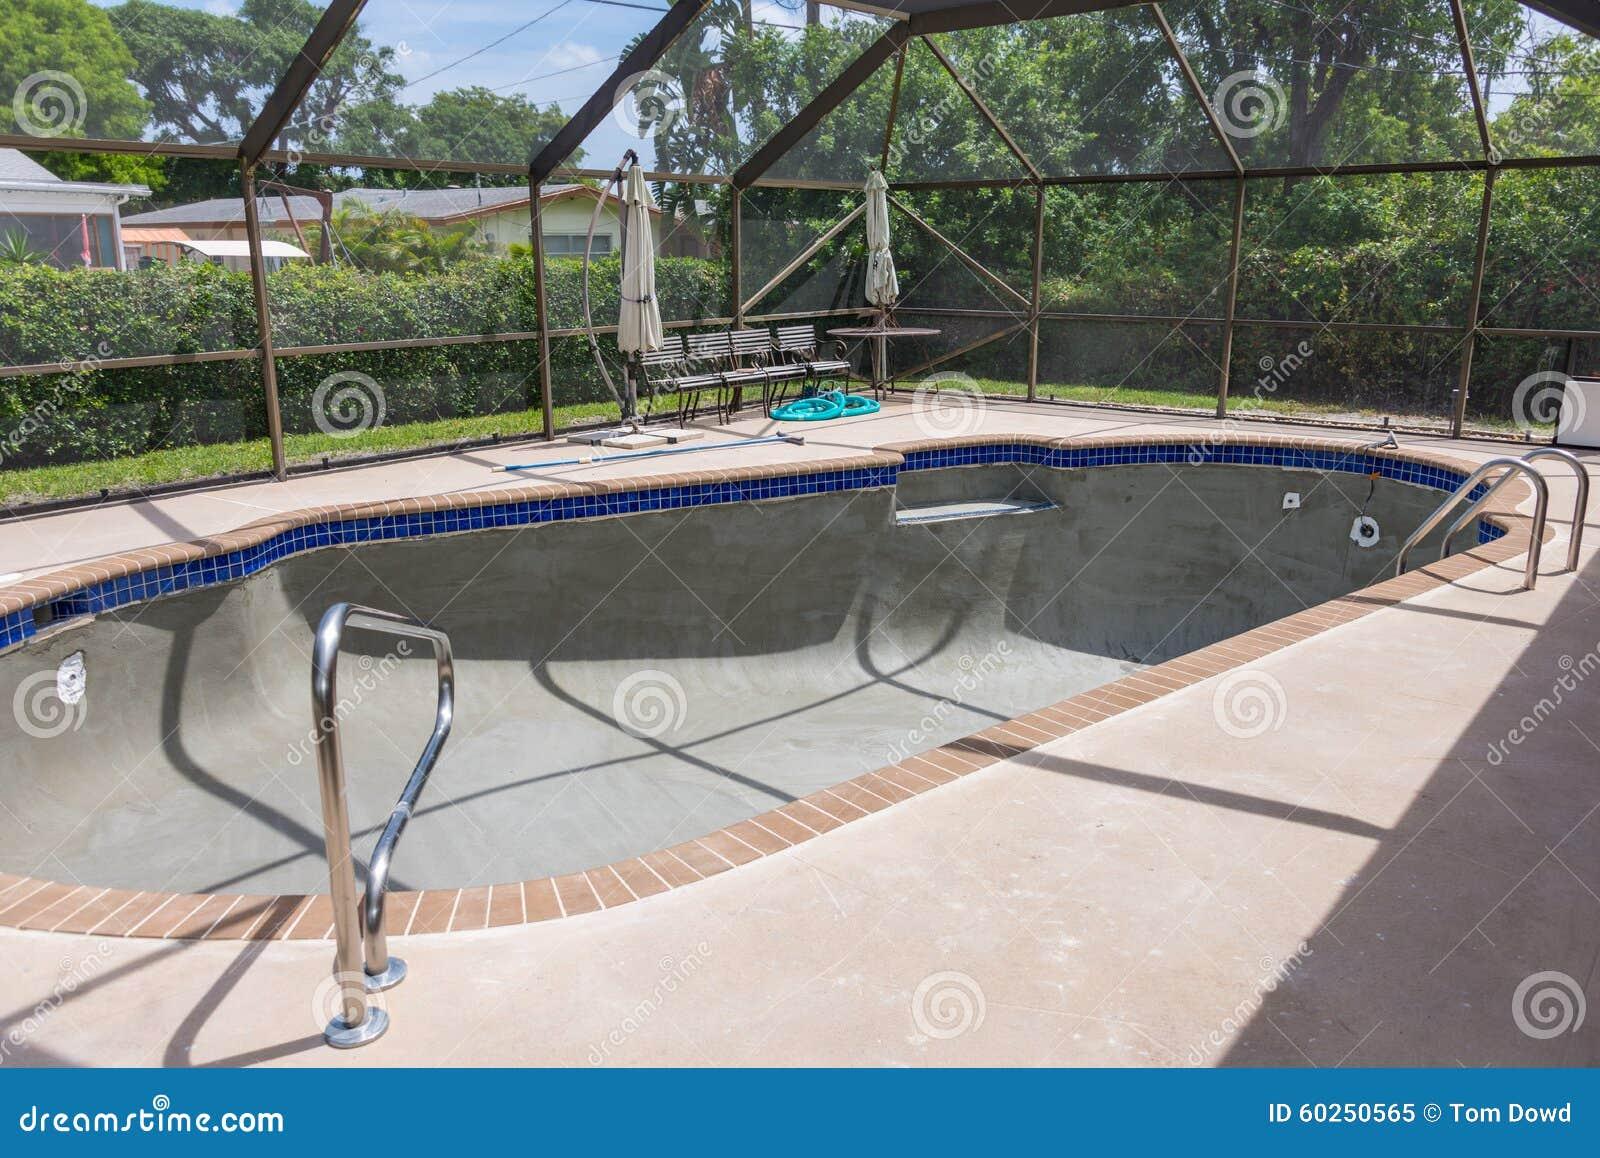 Brilliant Pool Gestalten Sammlung Von Pattern Bon Coat Um Stockbild. Bild Von